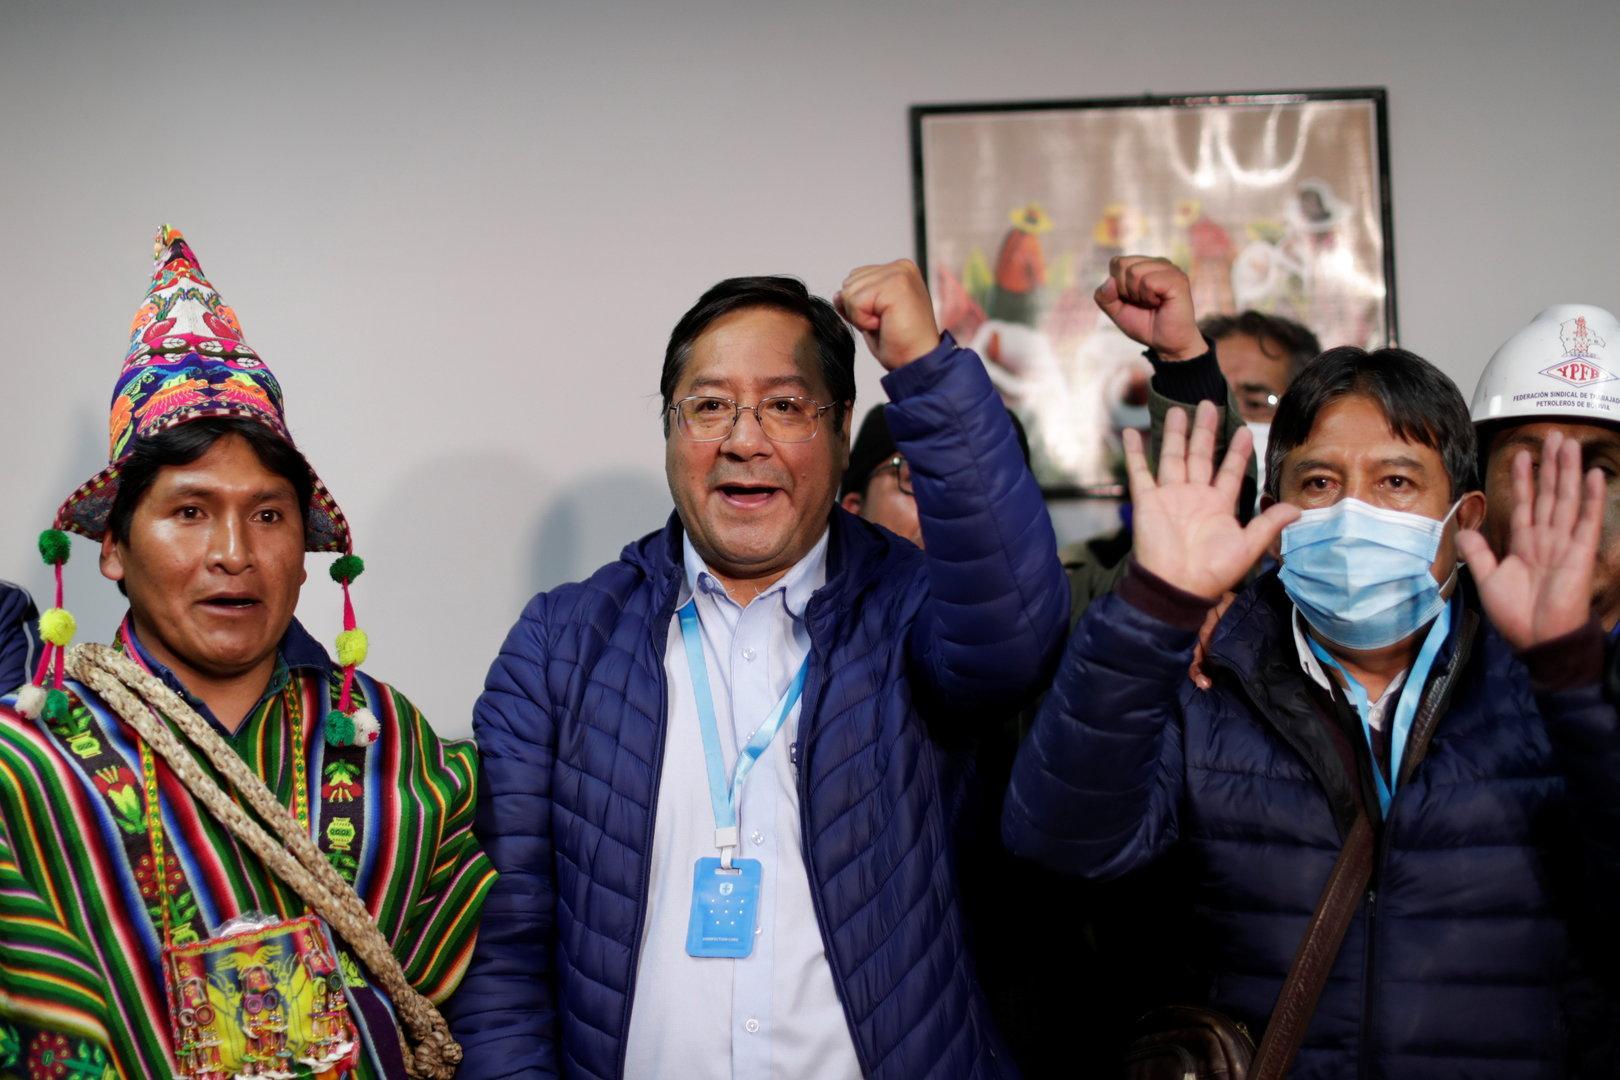 TV: Linksgerichteter Arce bei Präsidentschaftswahl in Bolivien vorne